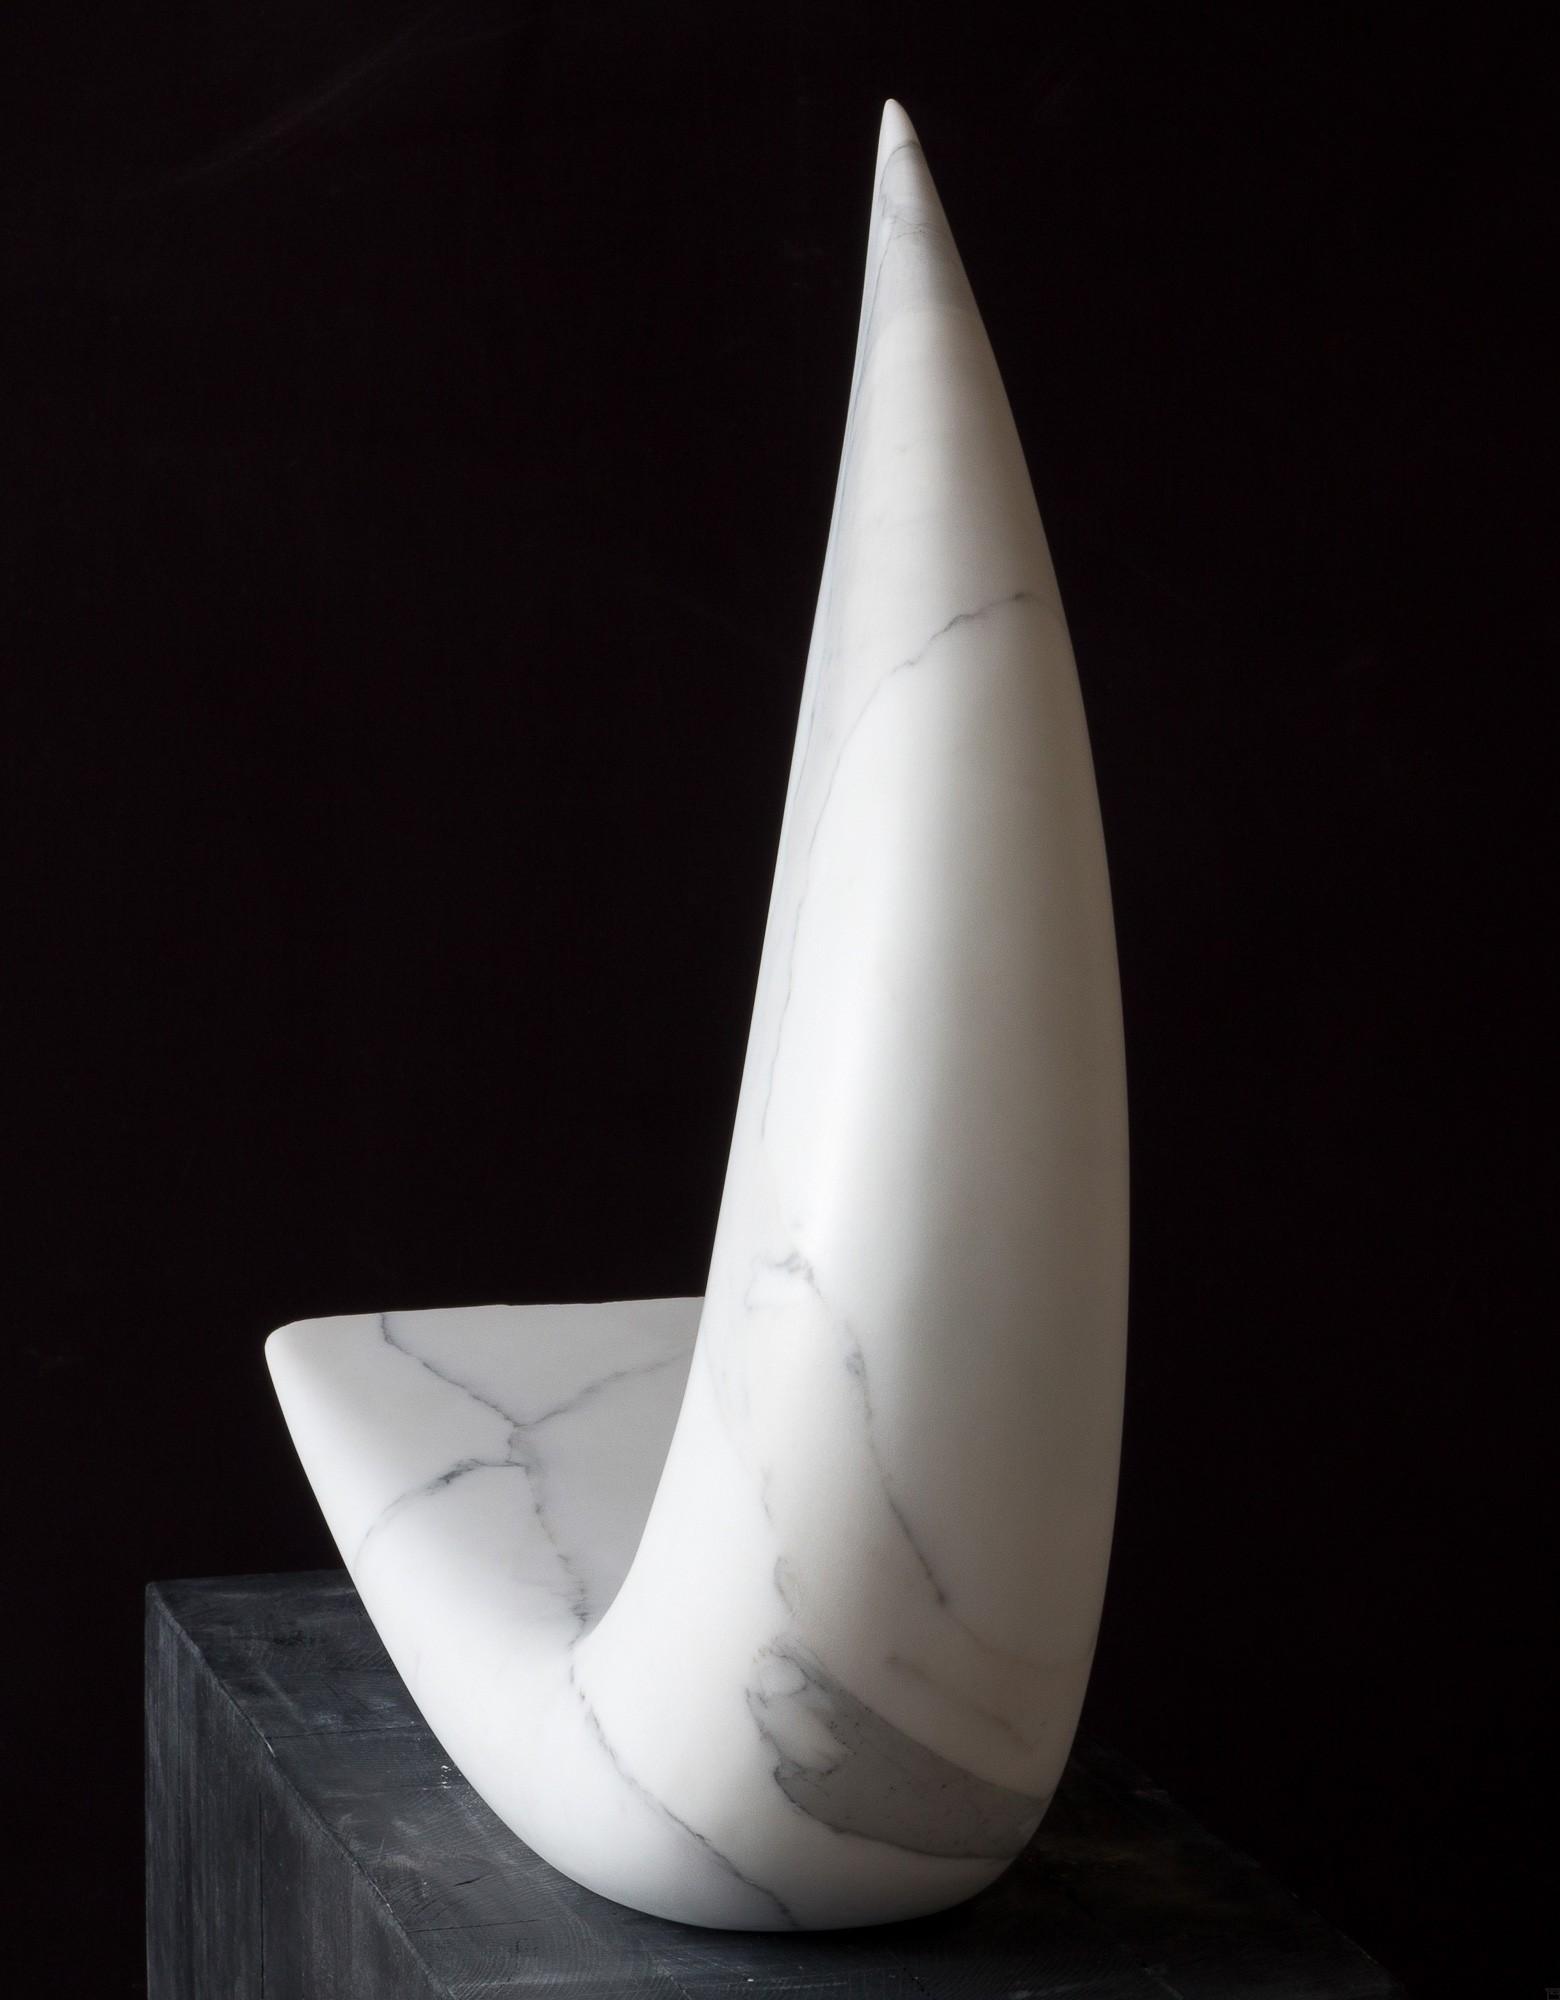 Glissando, Marmor, Stein Skulptur von Bildhauer Klaus W. Rieck, hinten